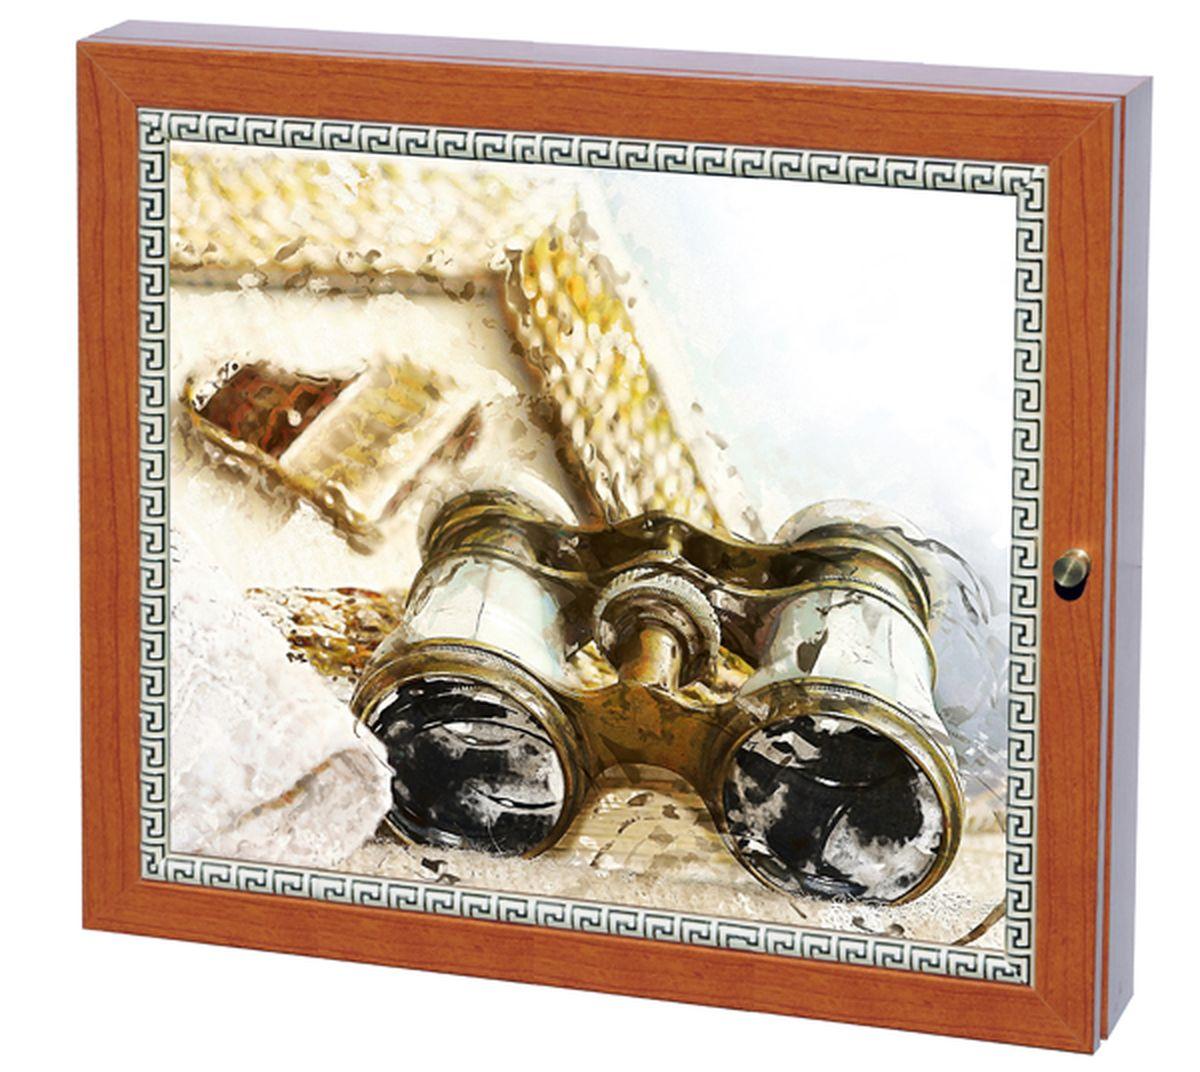 Вешалка-ключница Milarte Фэй, 25 х 30 х 5,5 см. KFV-116012KFV-116012Вешалка-ключница Milarte Фэй, выполненная из МДФ, украсит интерьер помещения, а также поможет создать атмосферу уюта. Ключница, декорированная оригинальным изображением, станет не только украшением вашего дома, но и послужит функционально. Она представляет собой ящичек, внутри которого предусмотрено 9 металлических крючков для ключей в два ряда. Дверца фиксируется к корпусу на крючок. Вешалка-ключница подвешивается на стену, крепежные элементы входят в комплект. Размер изображения: 24 х 19 см.